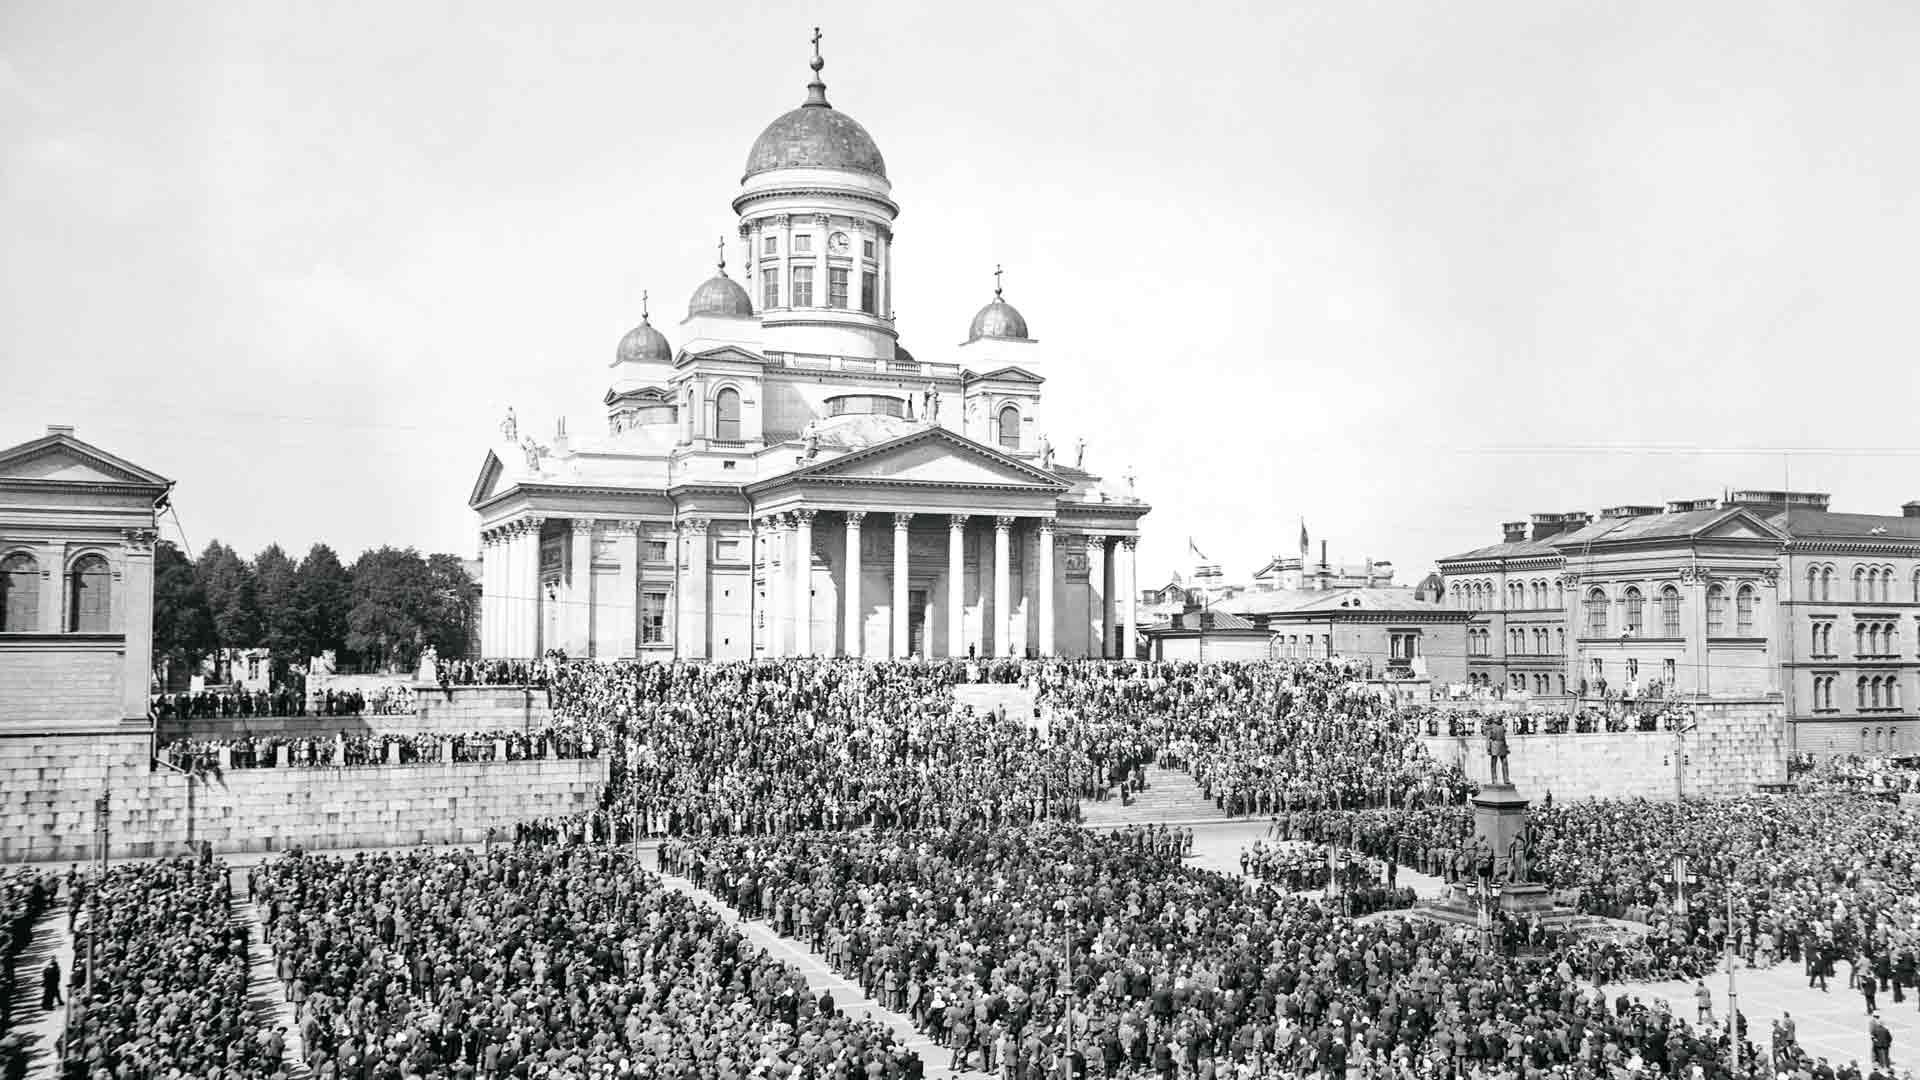 12000 talonpoikaismarssin osallistujaa Senaatintorilla